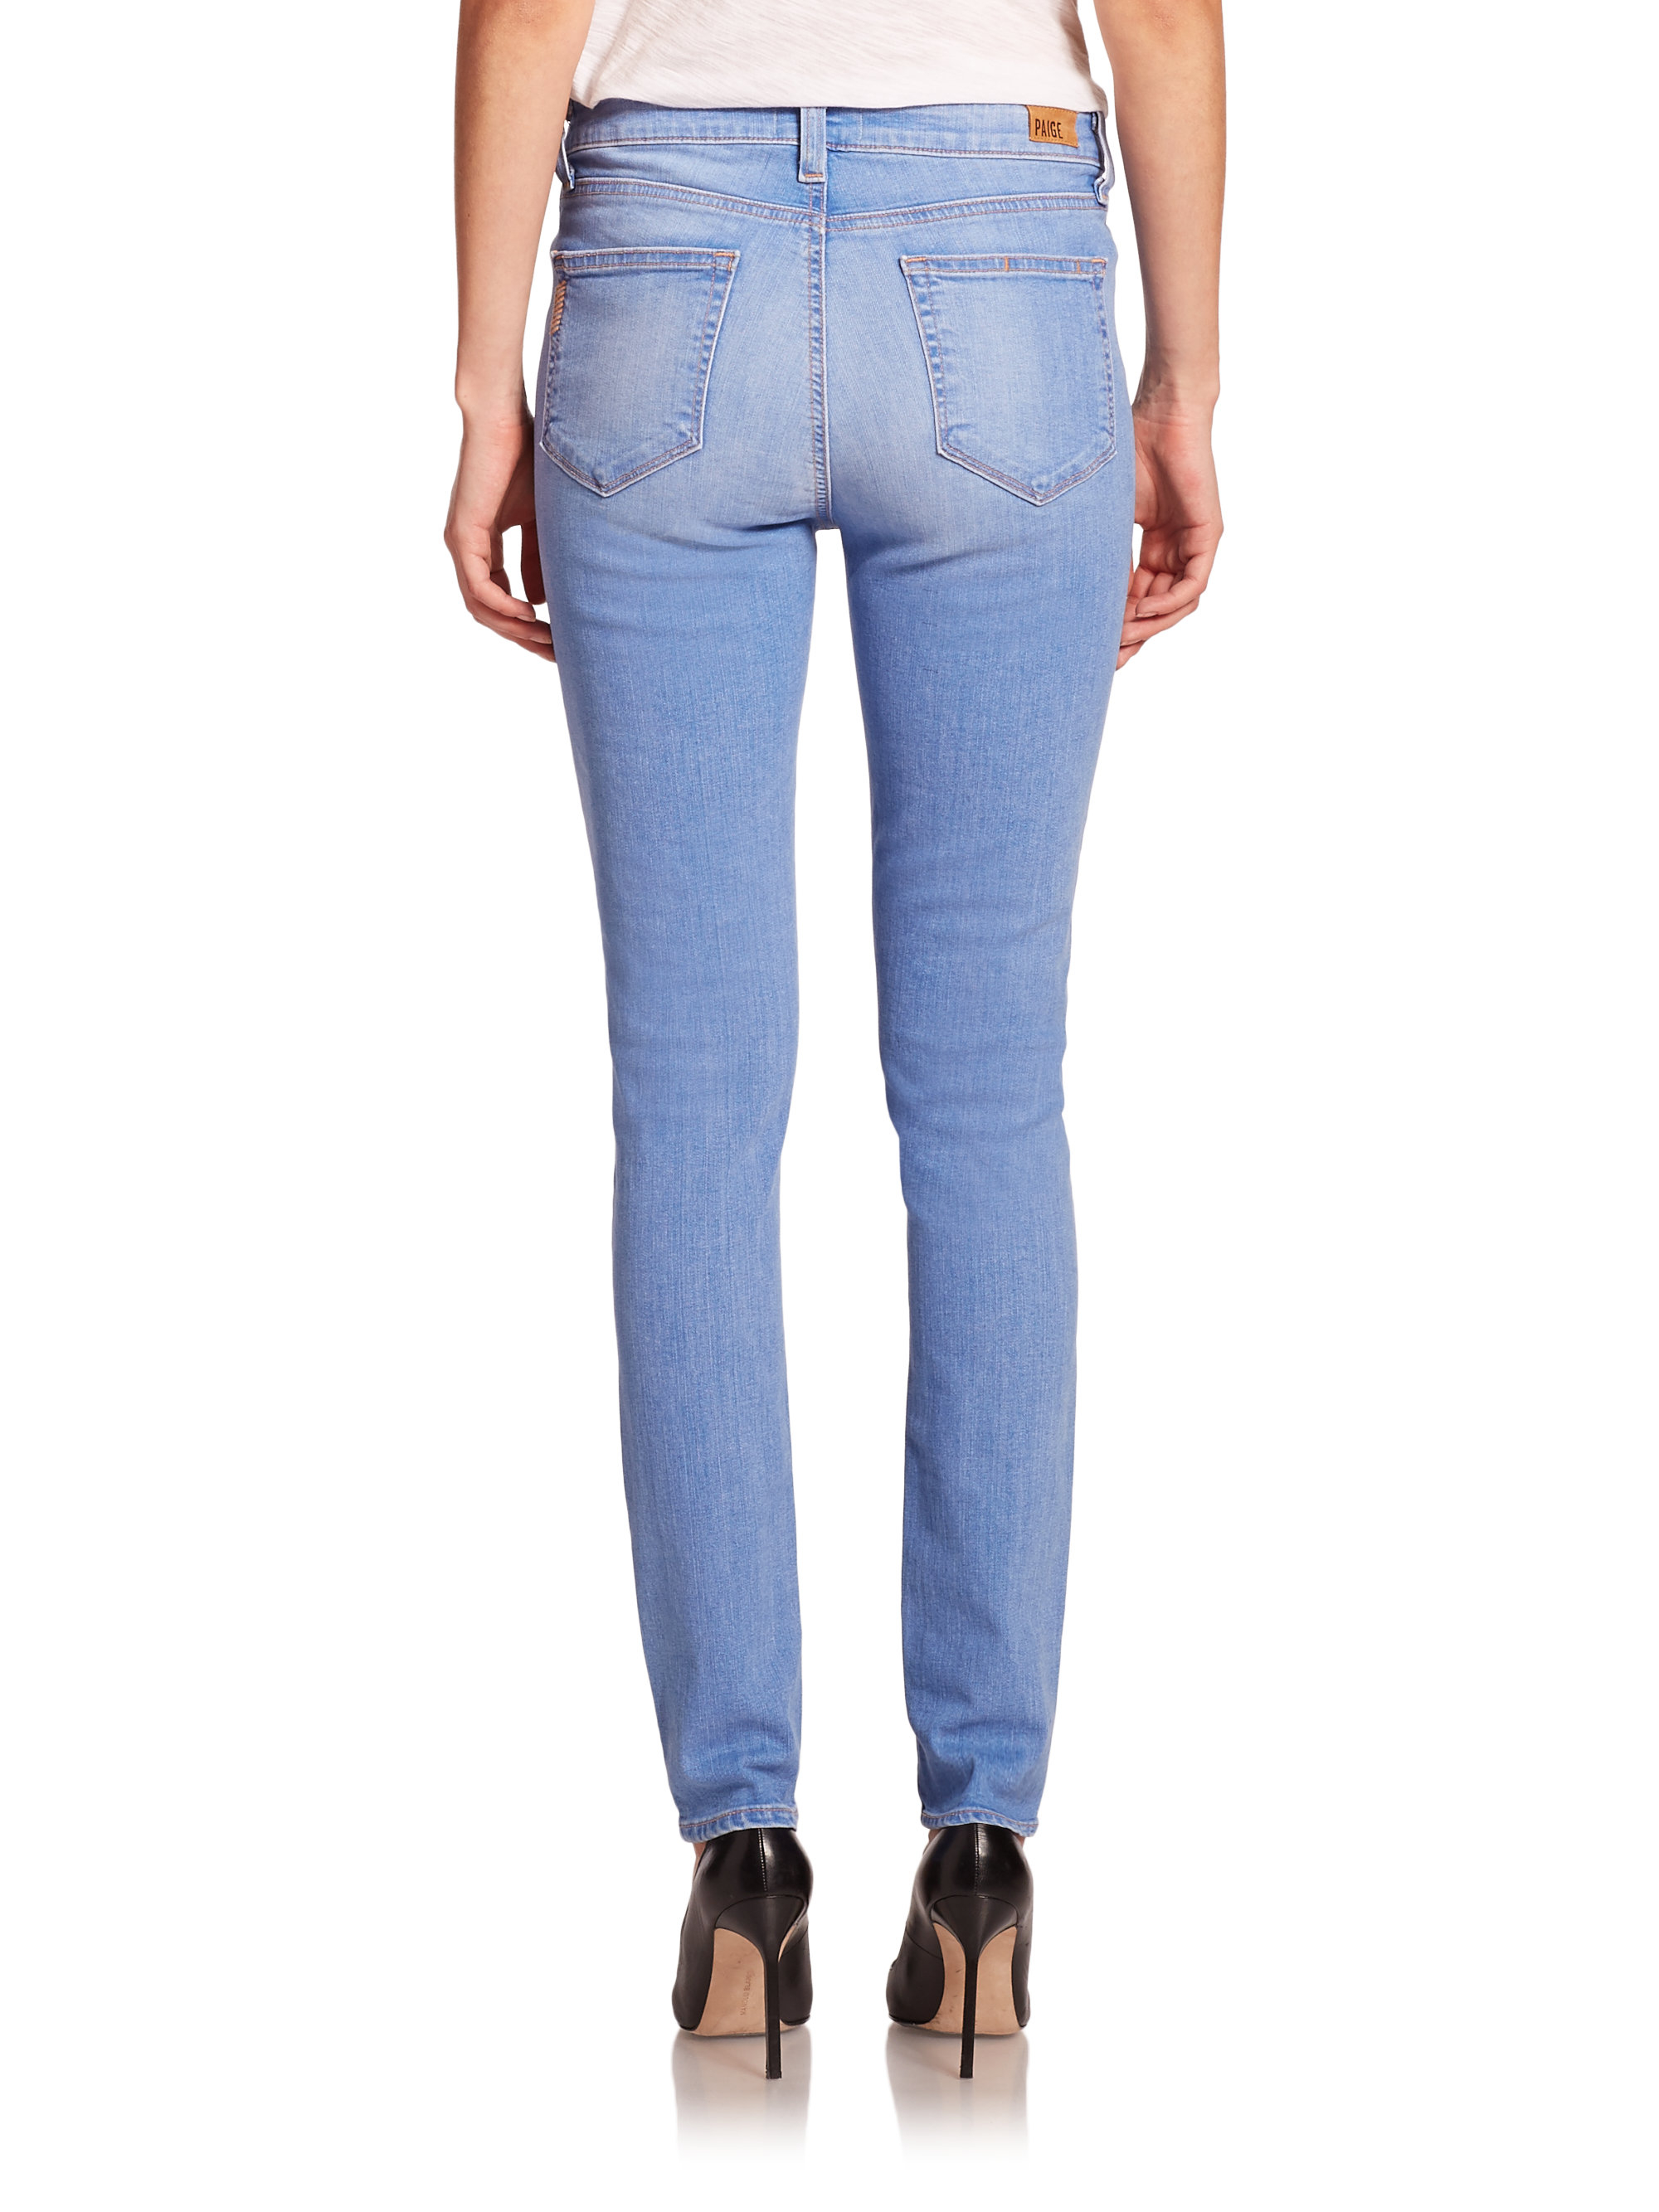 Paige hoxton high waisted skinny ankle jeans – Global fashion ...